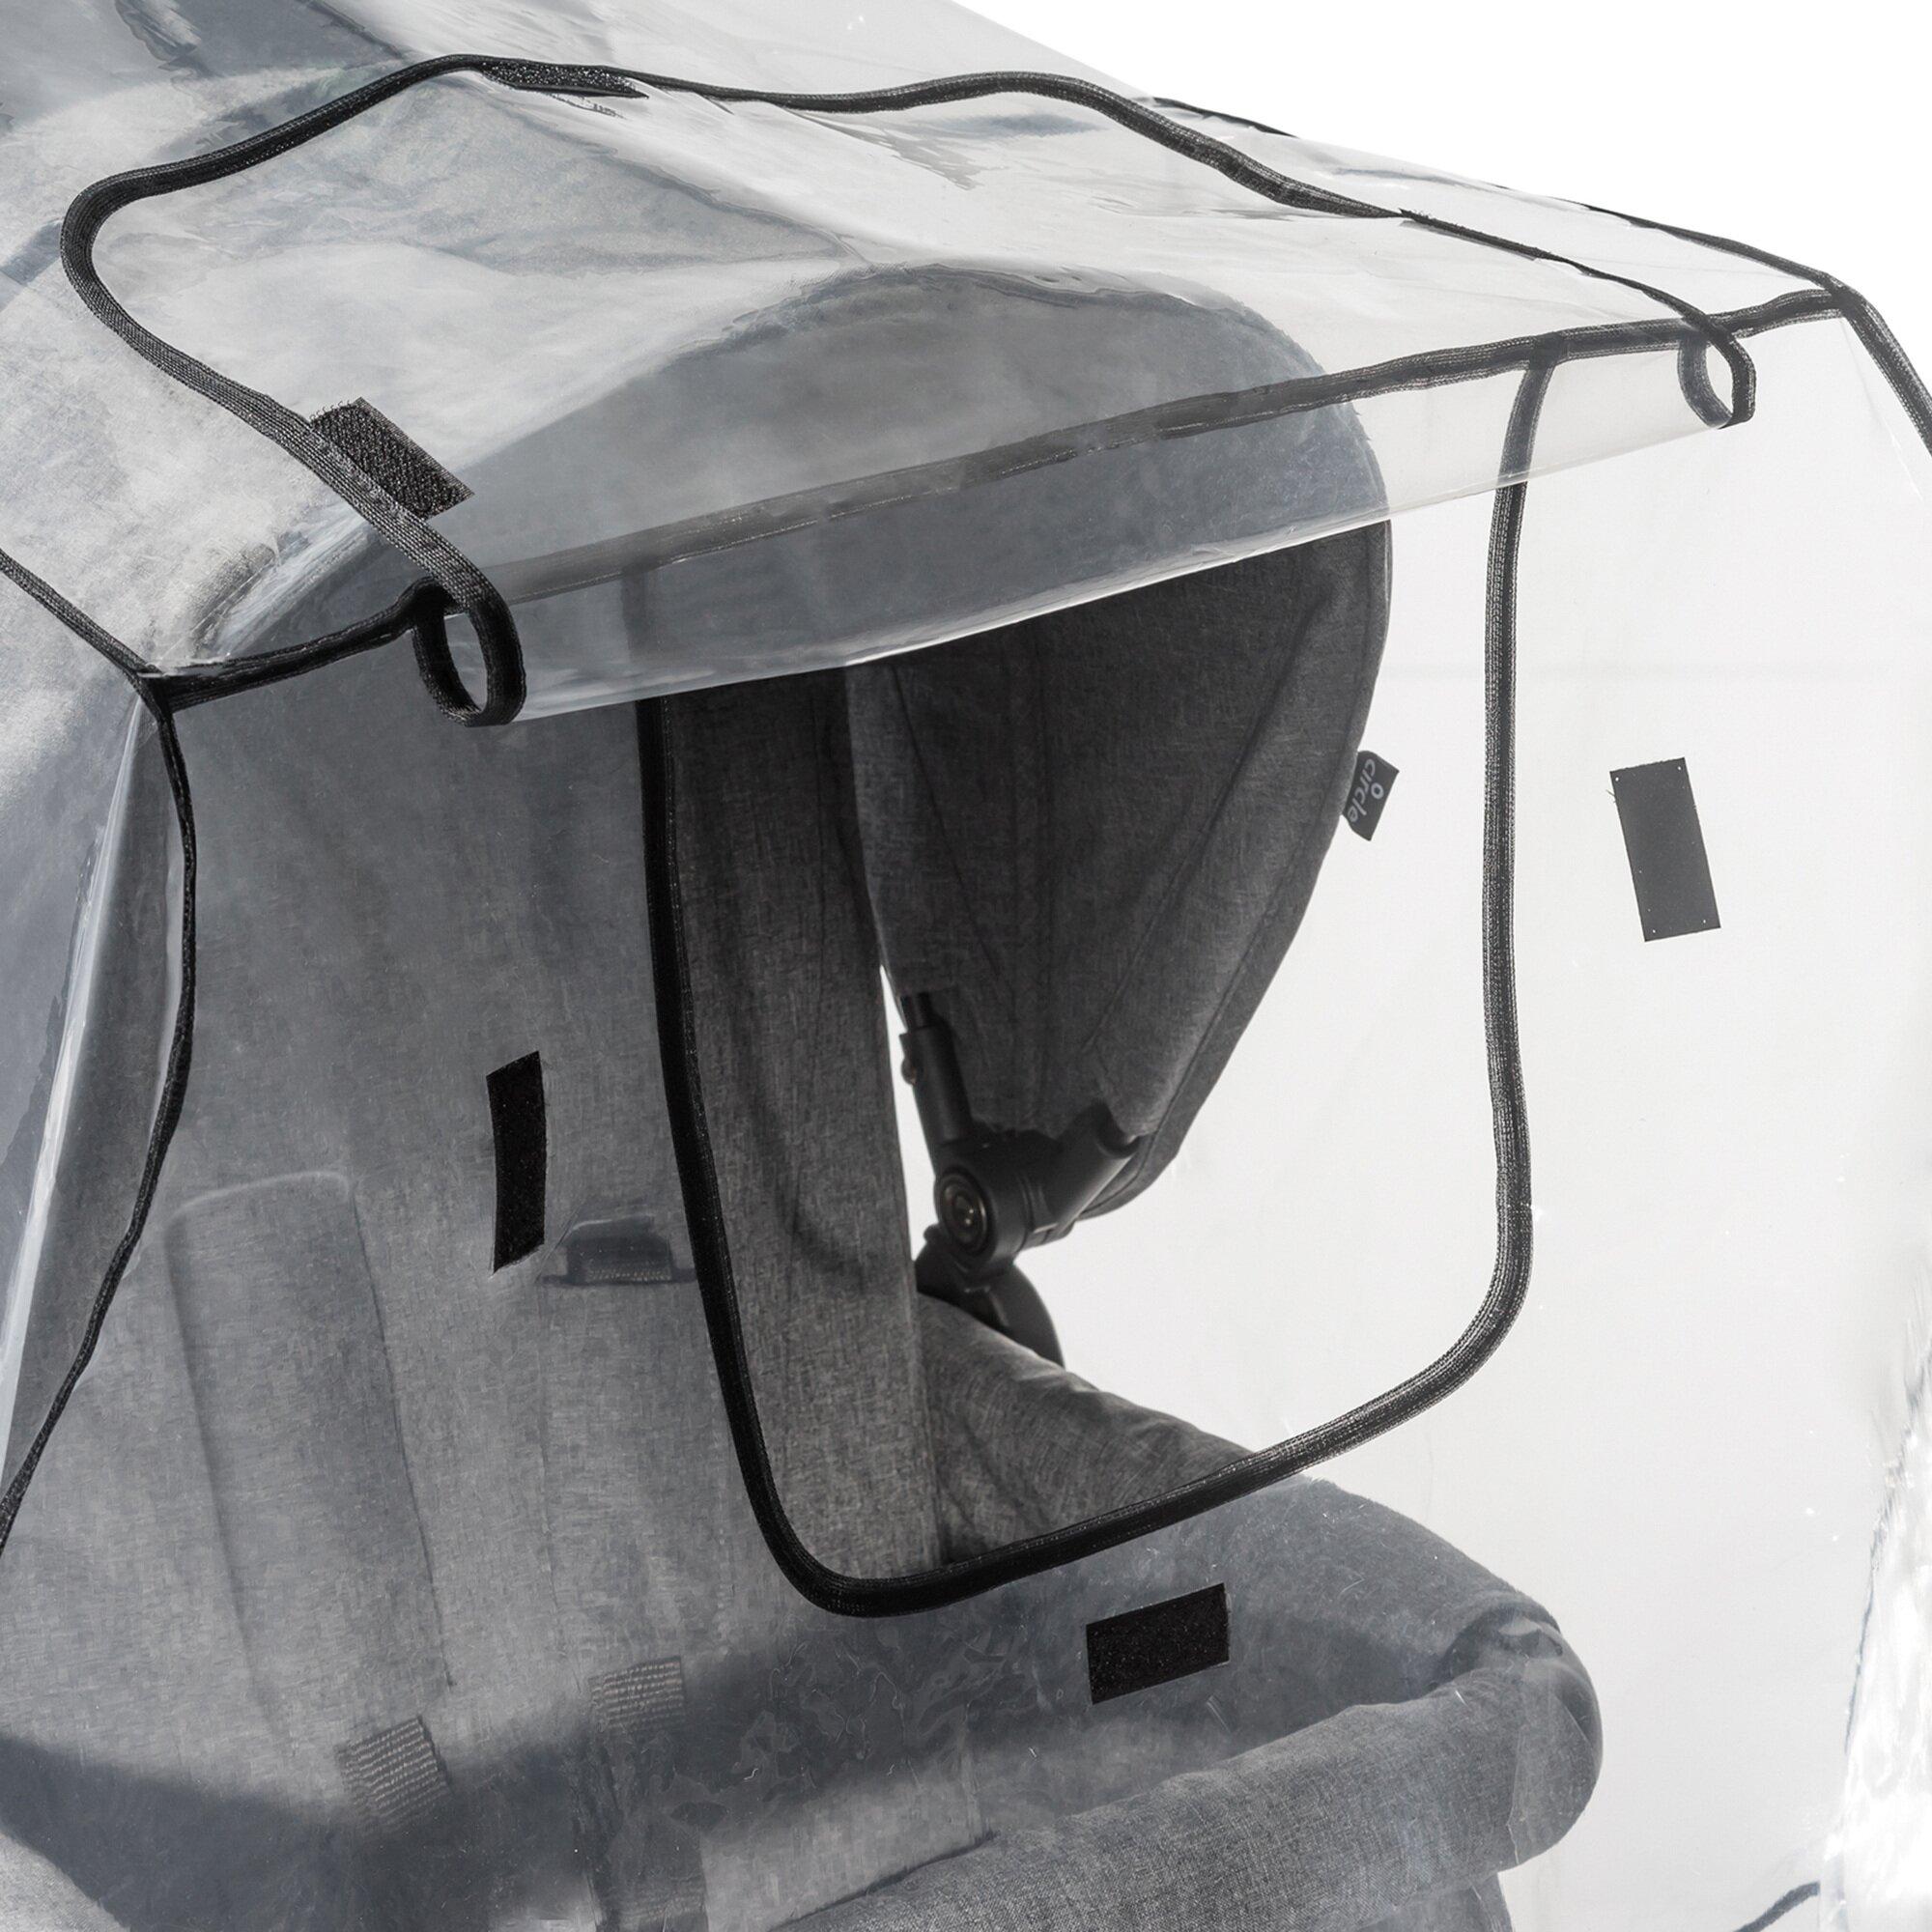 reer-universal-regenschutz-fur-kinderwagen-geschwisterwagen-transparent